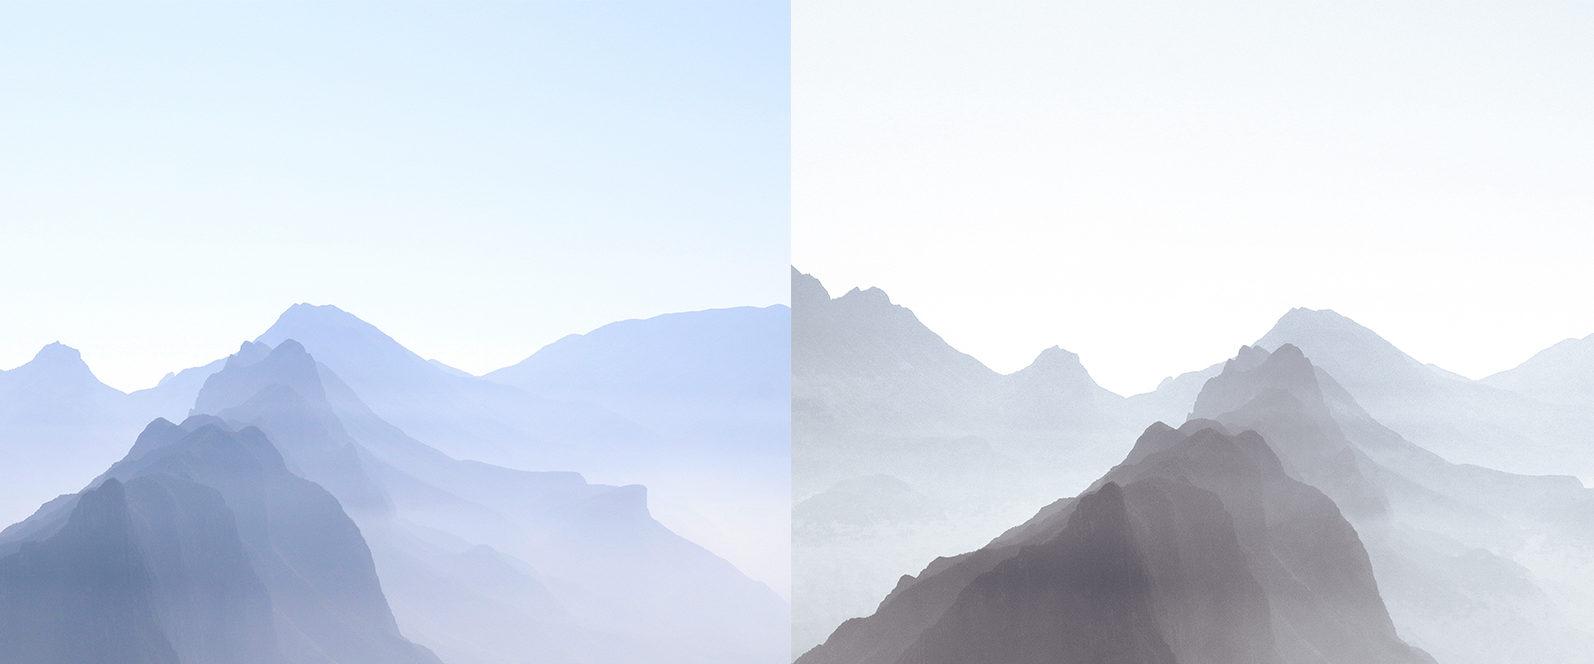 BUNDLE /// 06_Lightroom Collection // 72 x Desktop and Mobile Presets - 1 Minimalism 2 -